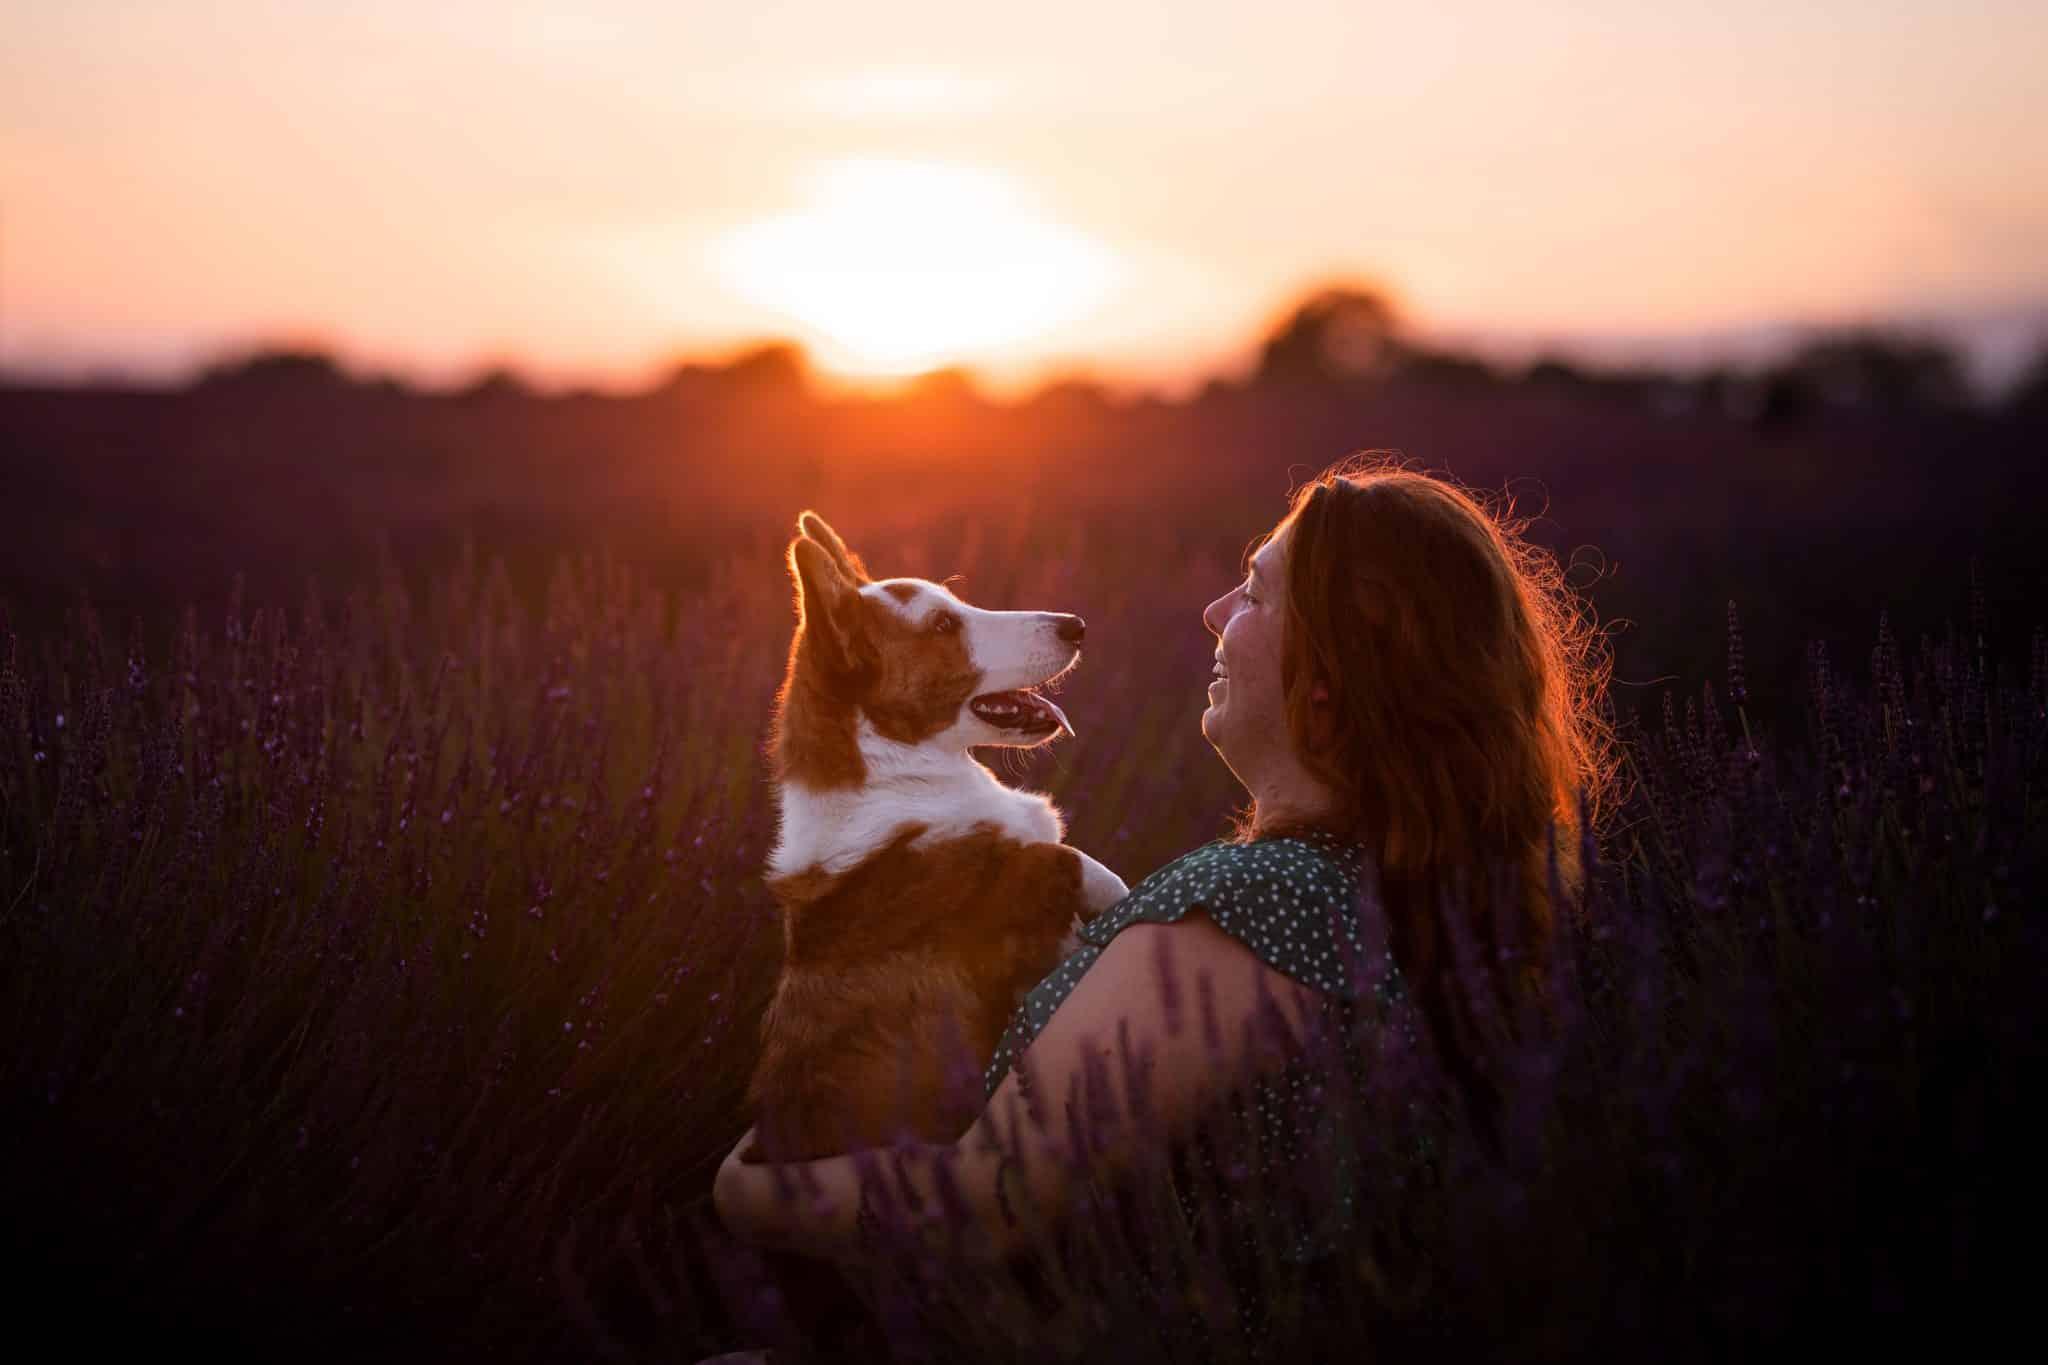 séance photo à Valensole avec un chien dans les champs de lavandes